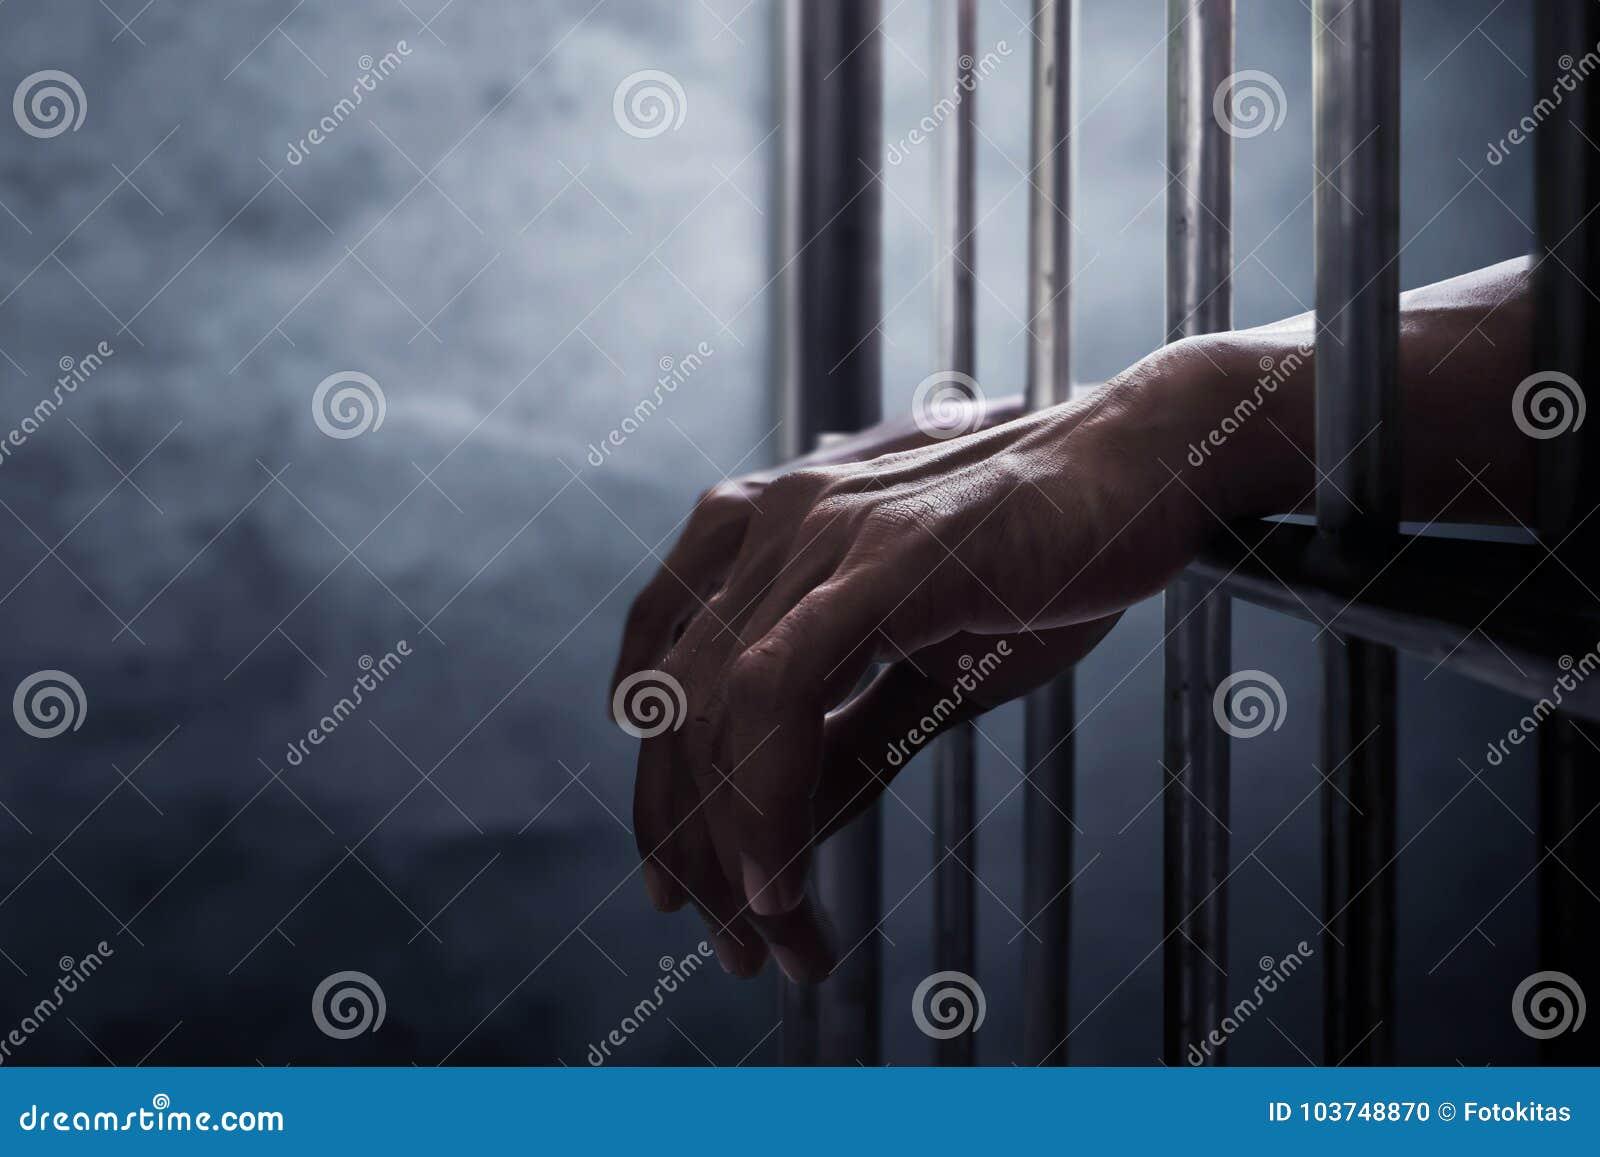 Mężczyzna łapać w pułapkę w więzieniu